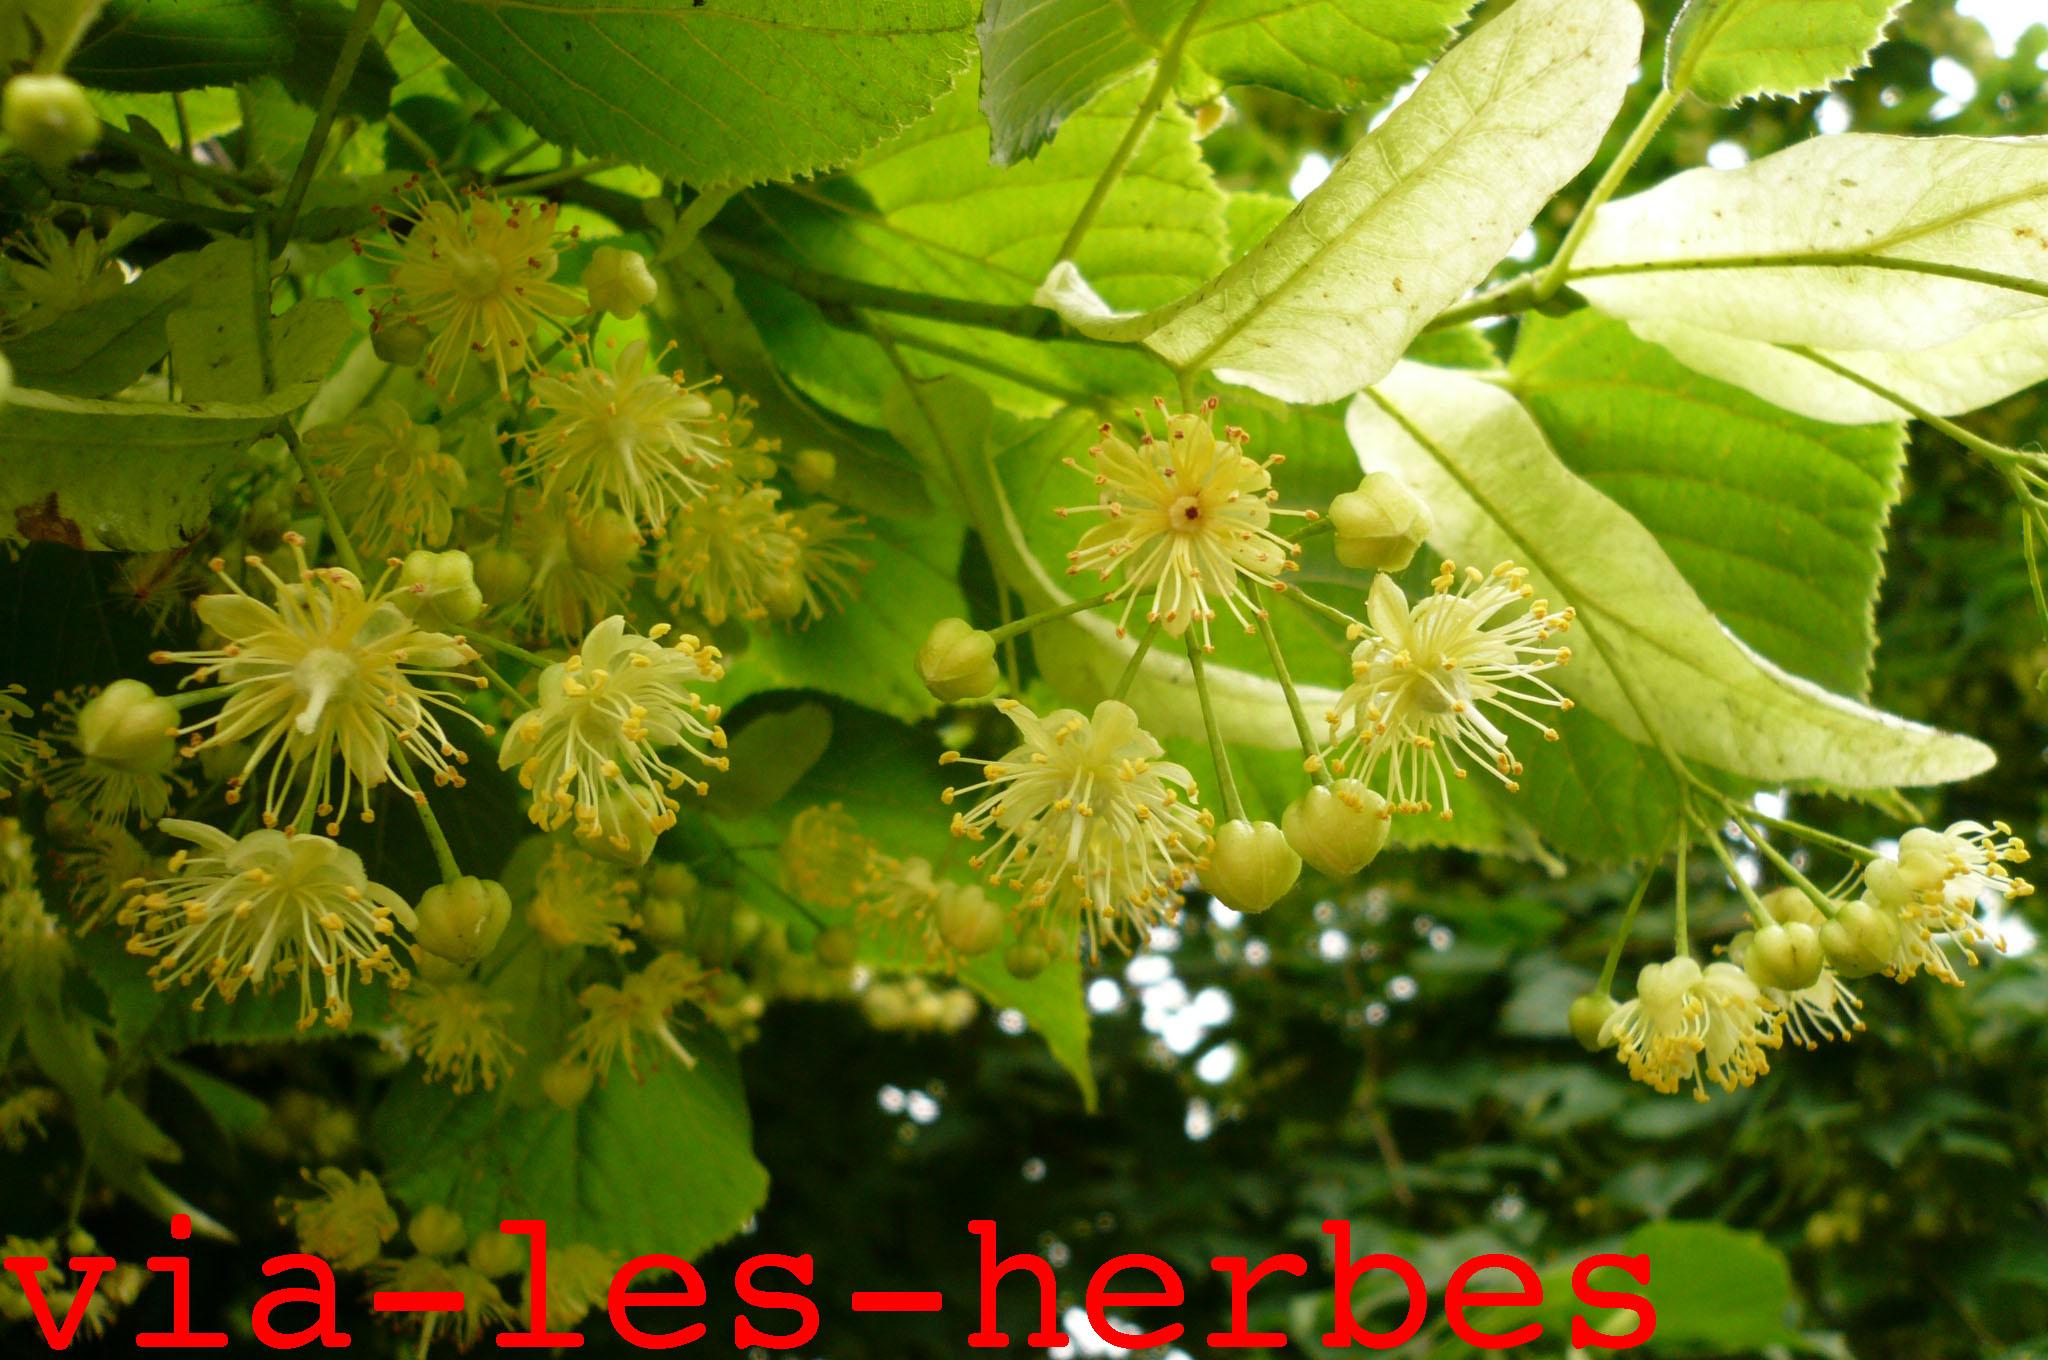 Le tilleul pour les insomnies via les herbes - Tilleul a grandes feuilles ...